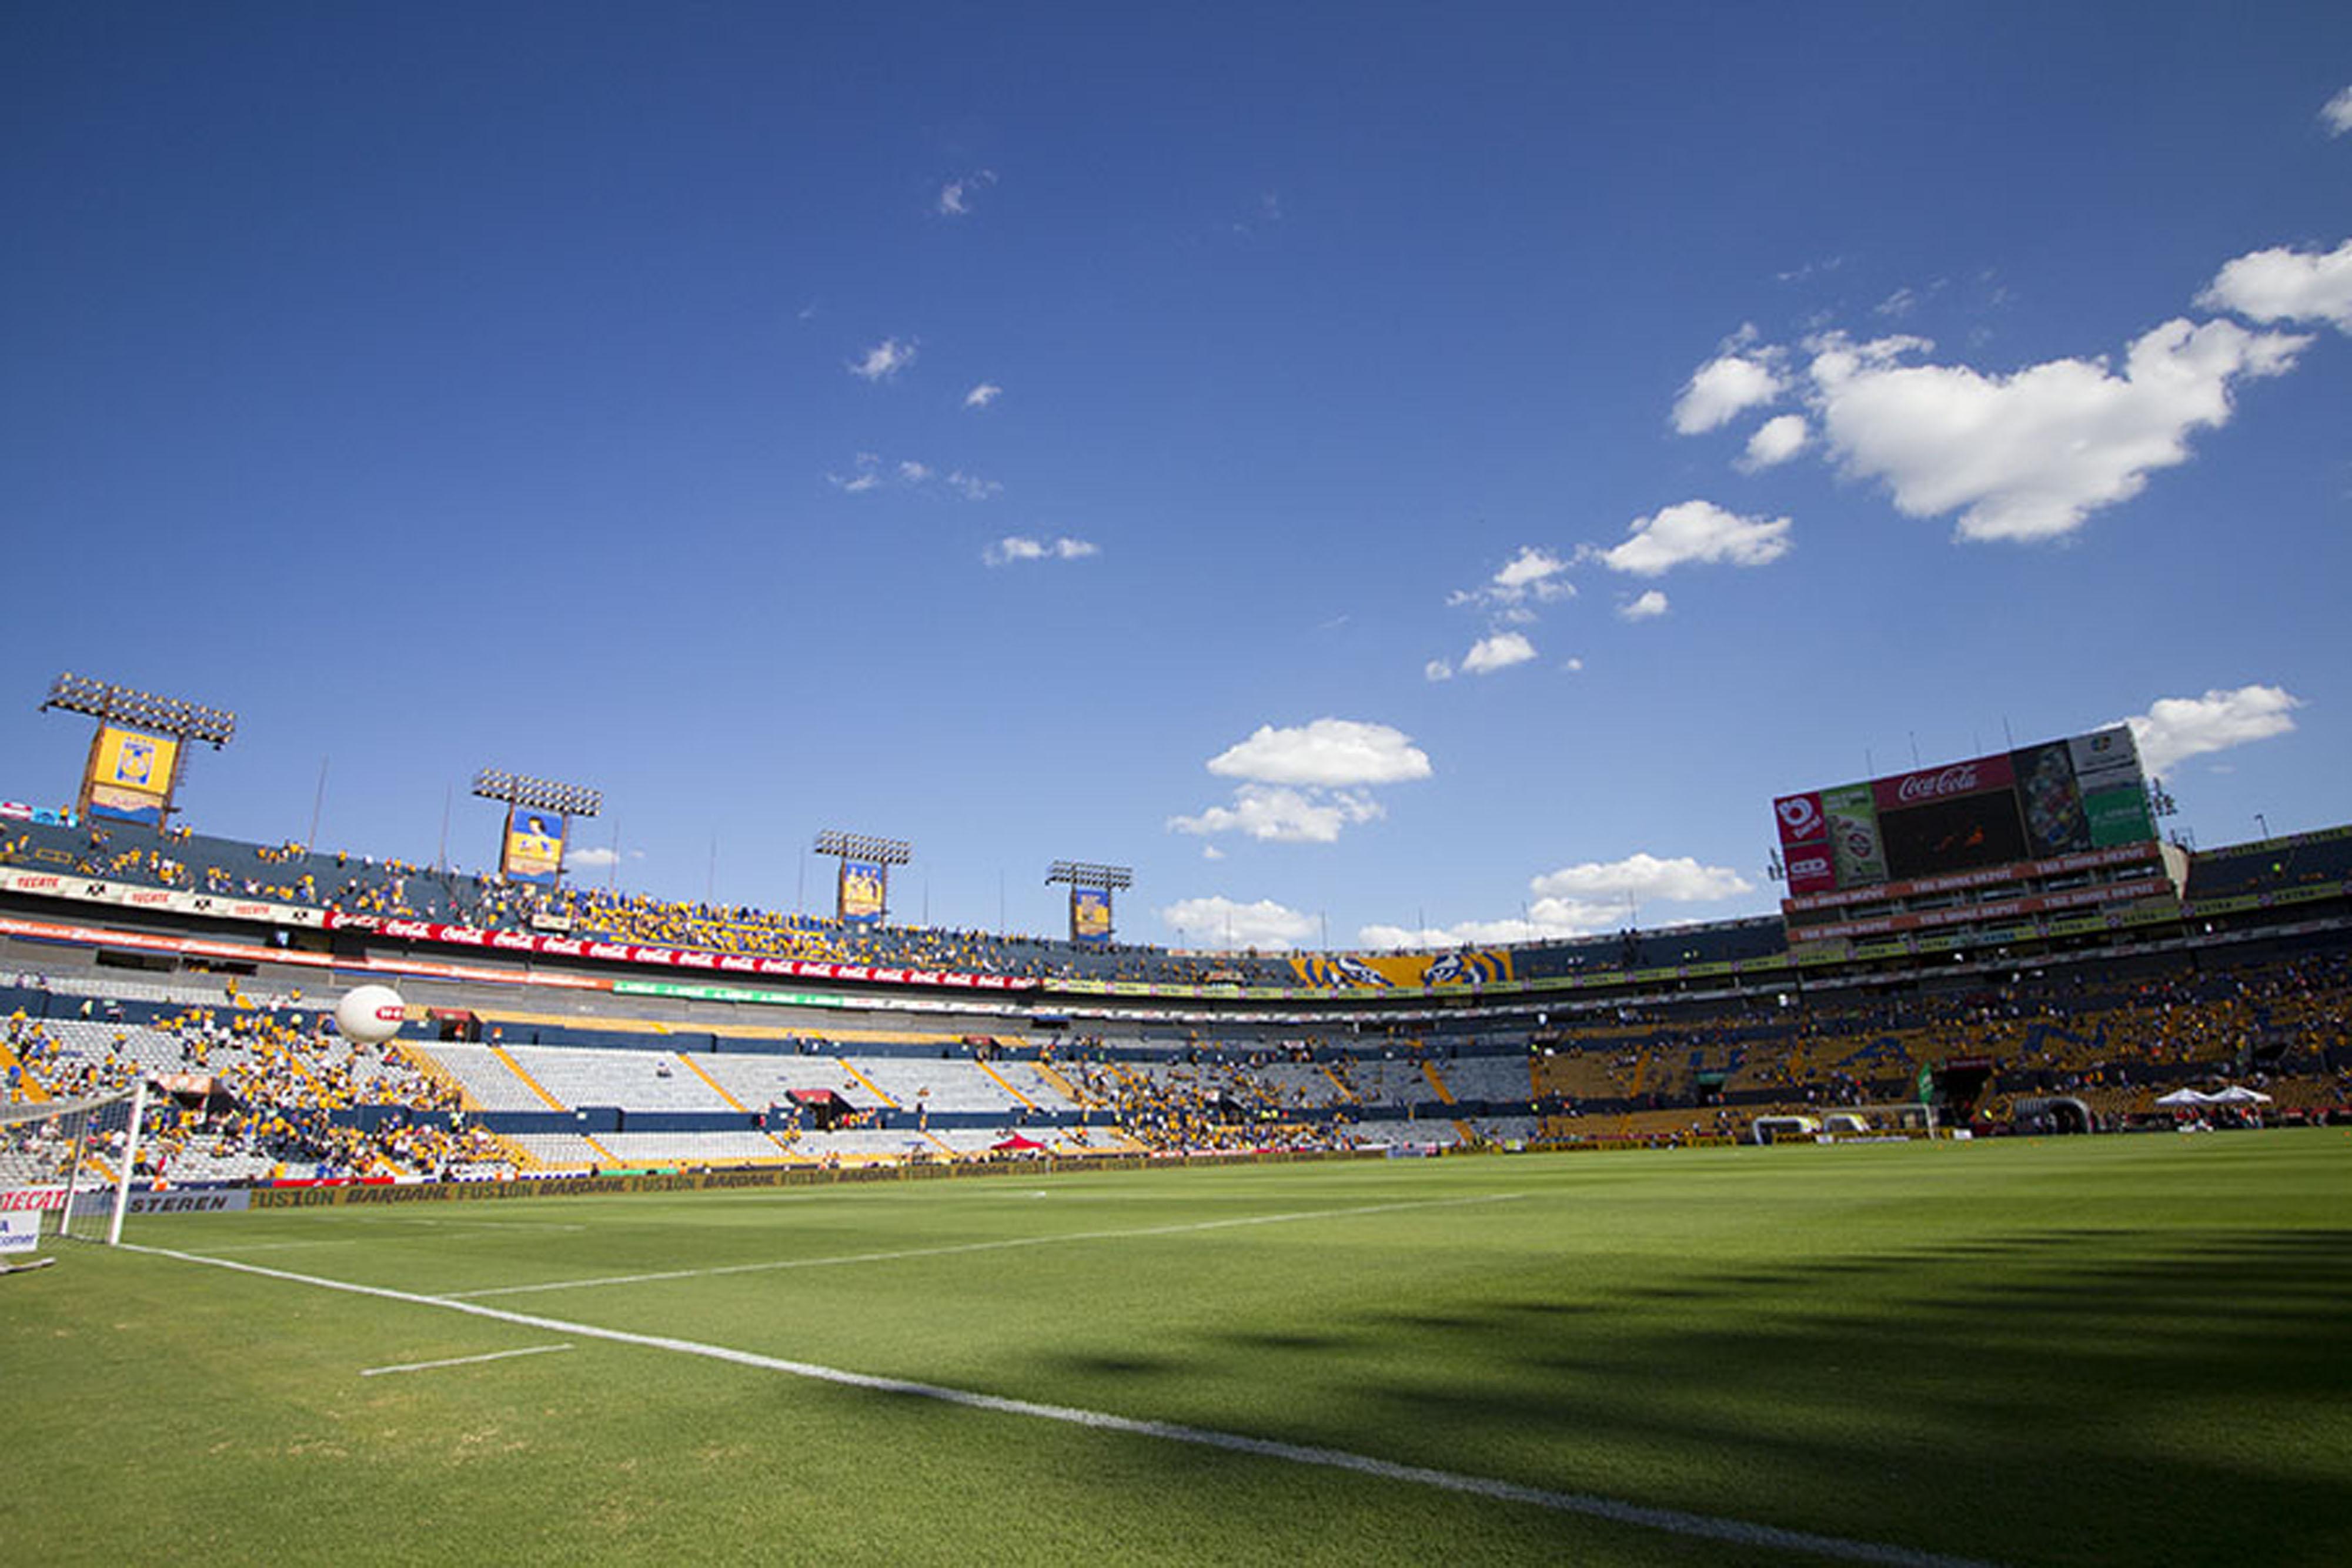 Tigres buscar remodelar el estadio universitario en el for Puerta 9 estadio universitario